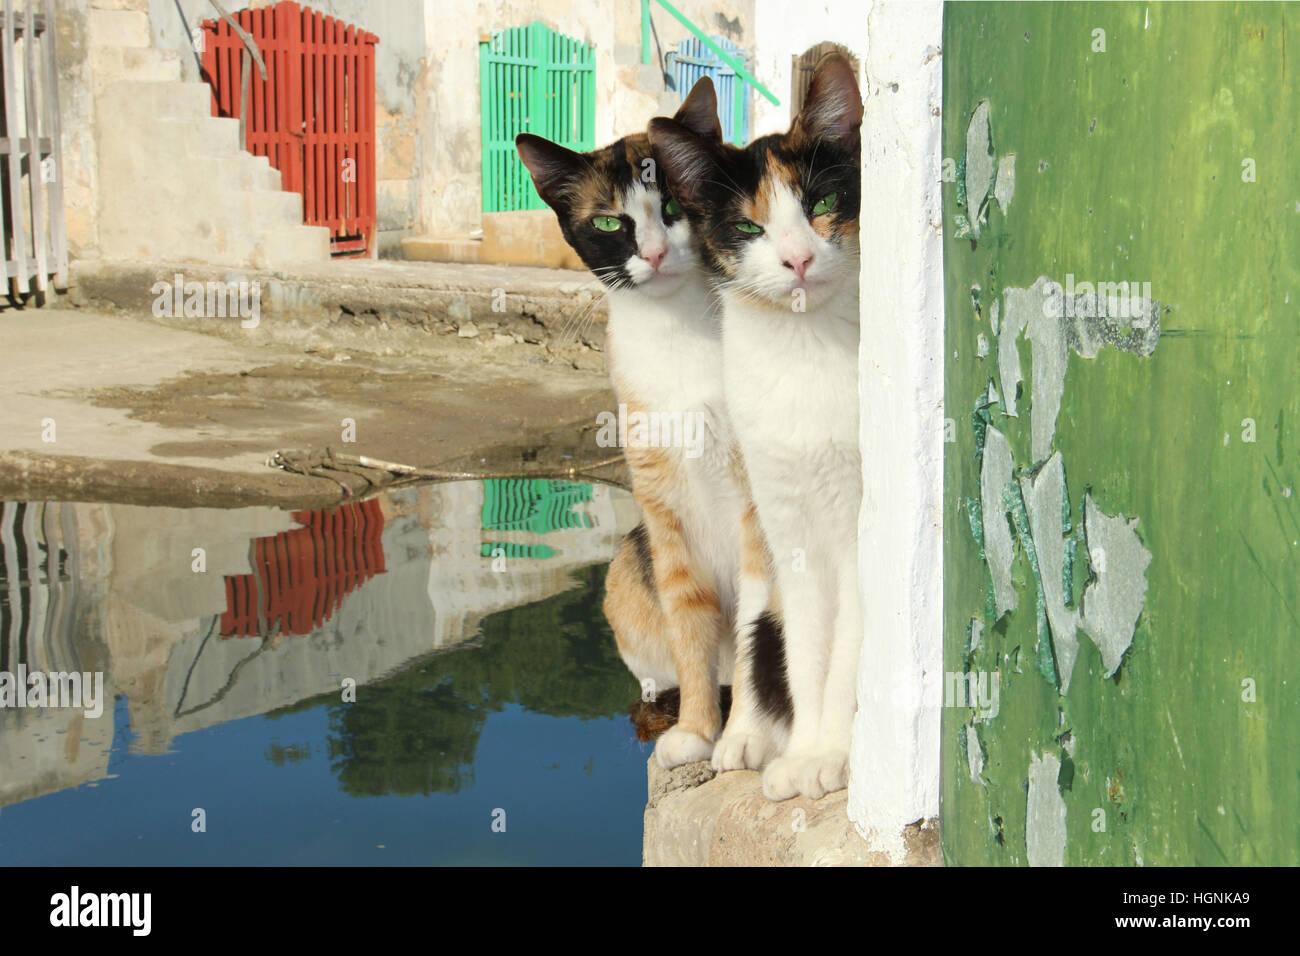 Due giovani gatti domestici, il gatto domestico, calico, tricolore, torbie, seduto su una parete in corrispondenza Immagini Stock